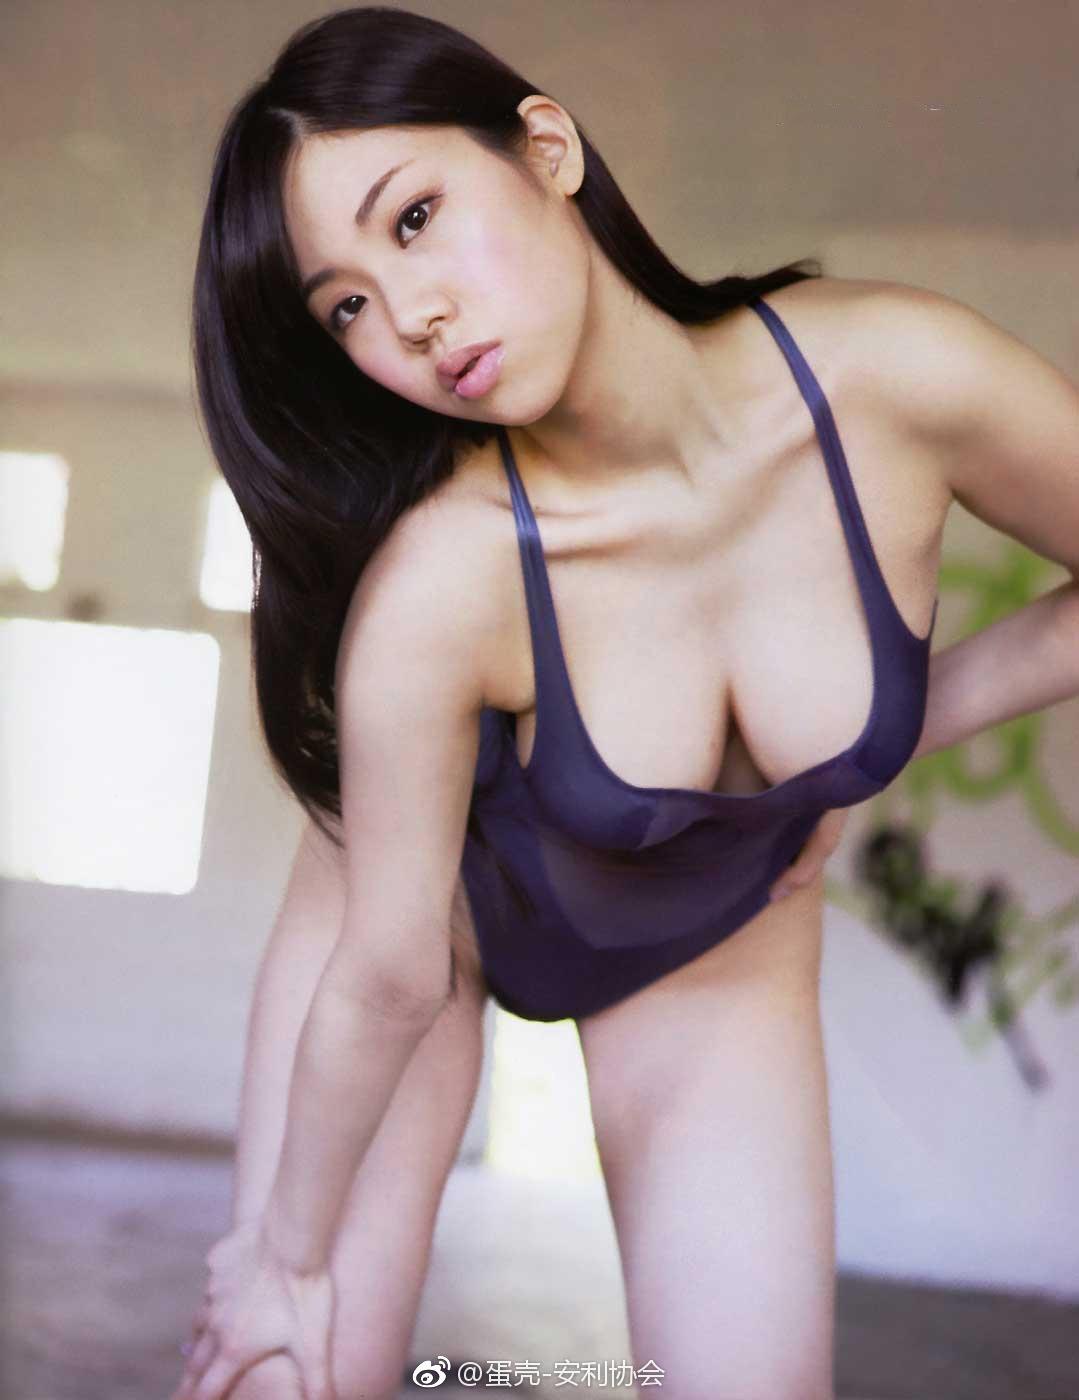 日本写真女优性感写真图片:铃木富美奈 美女写真-第9张